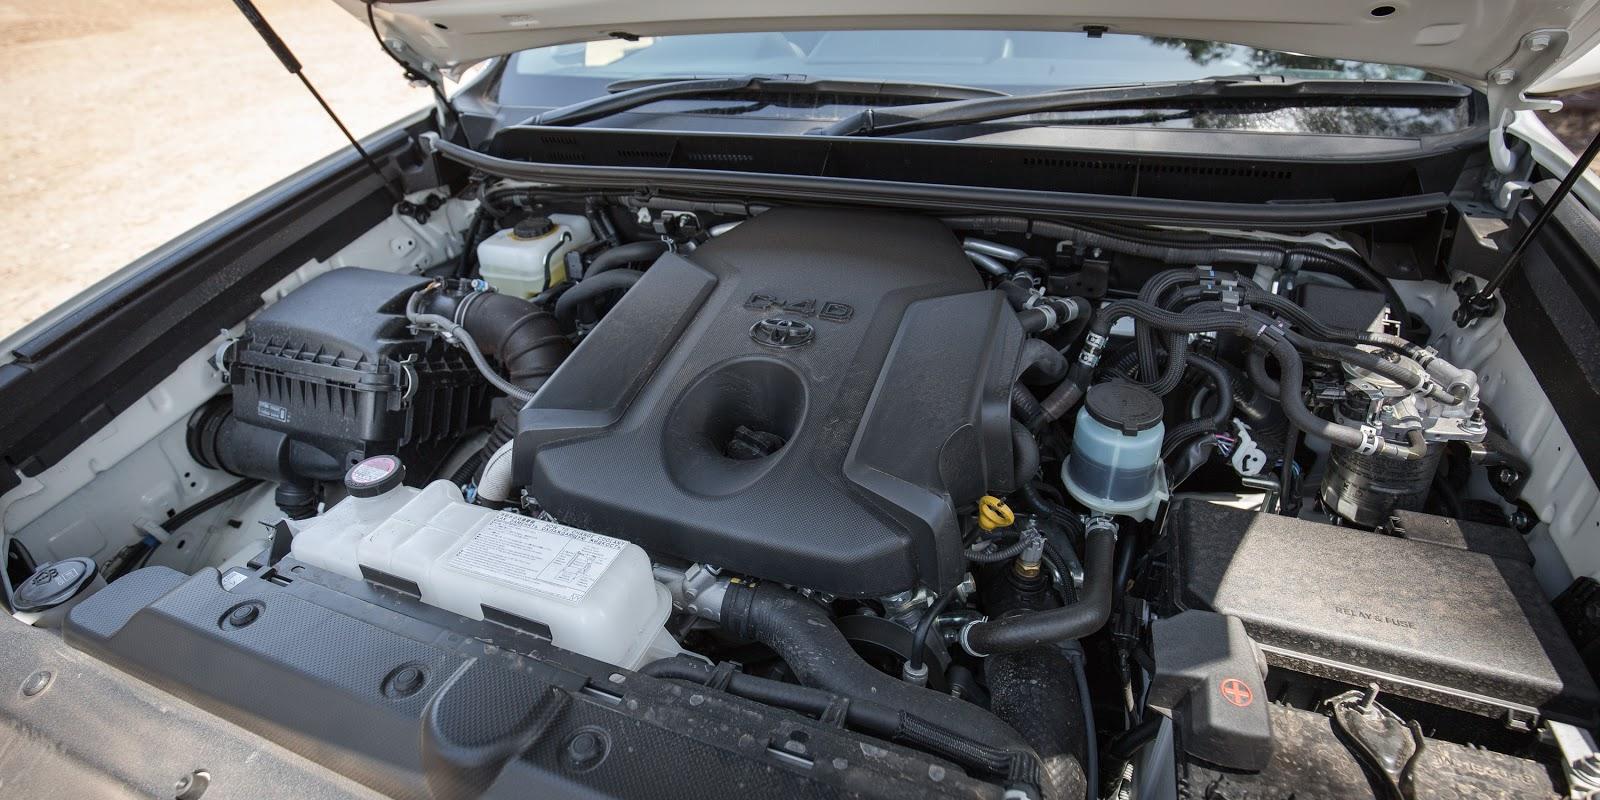 Phiên bản động cơ xăng sẽ mạnh hơn bản diesel, nhưng ngốn nhiên liệu hơn